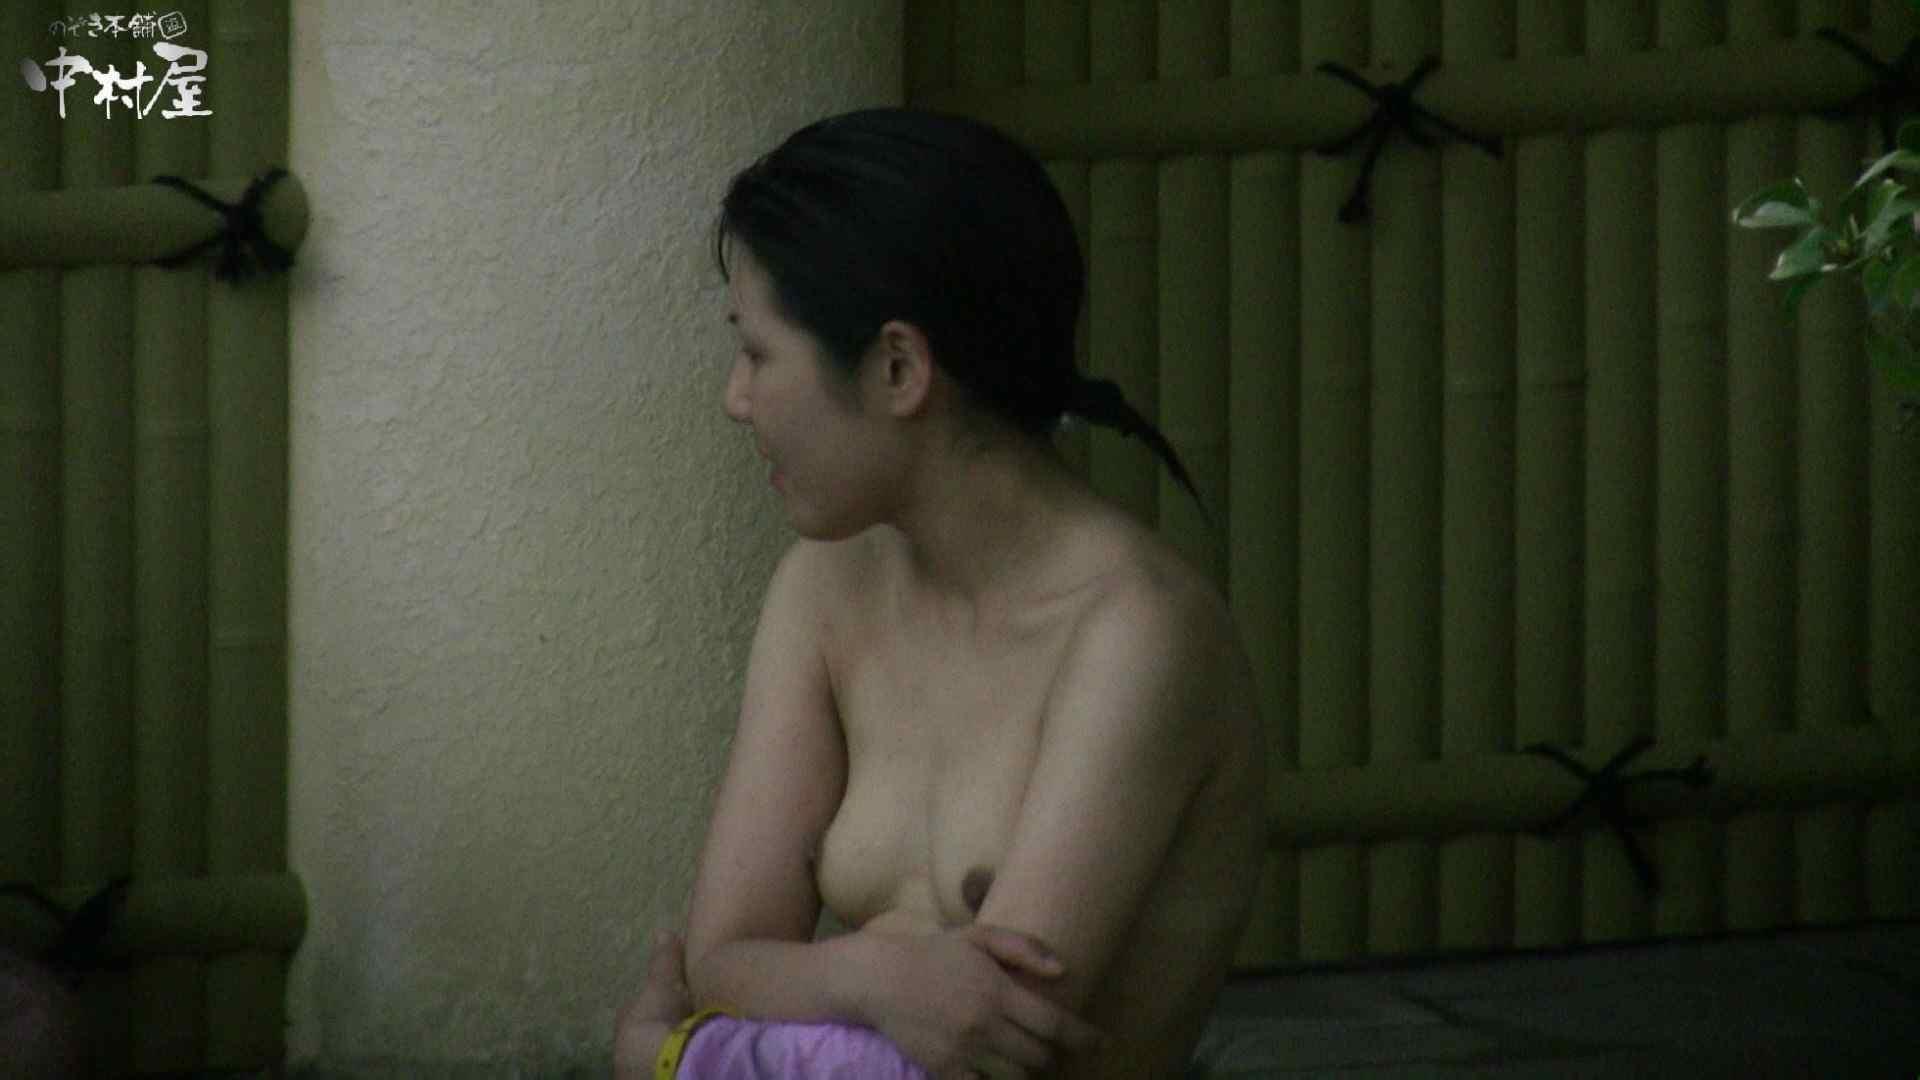 Aquaな露天風呂Vol.983 盗撮  58PICs 9